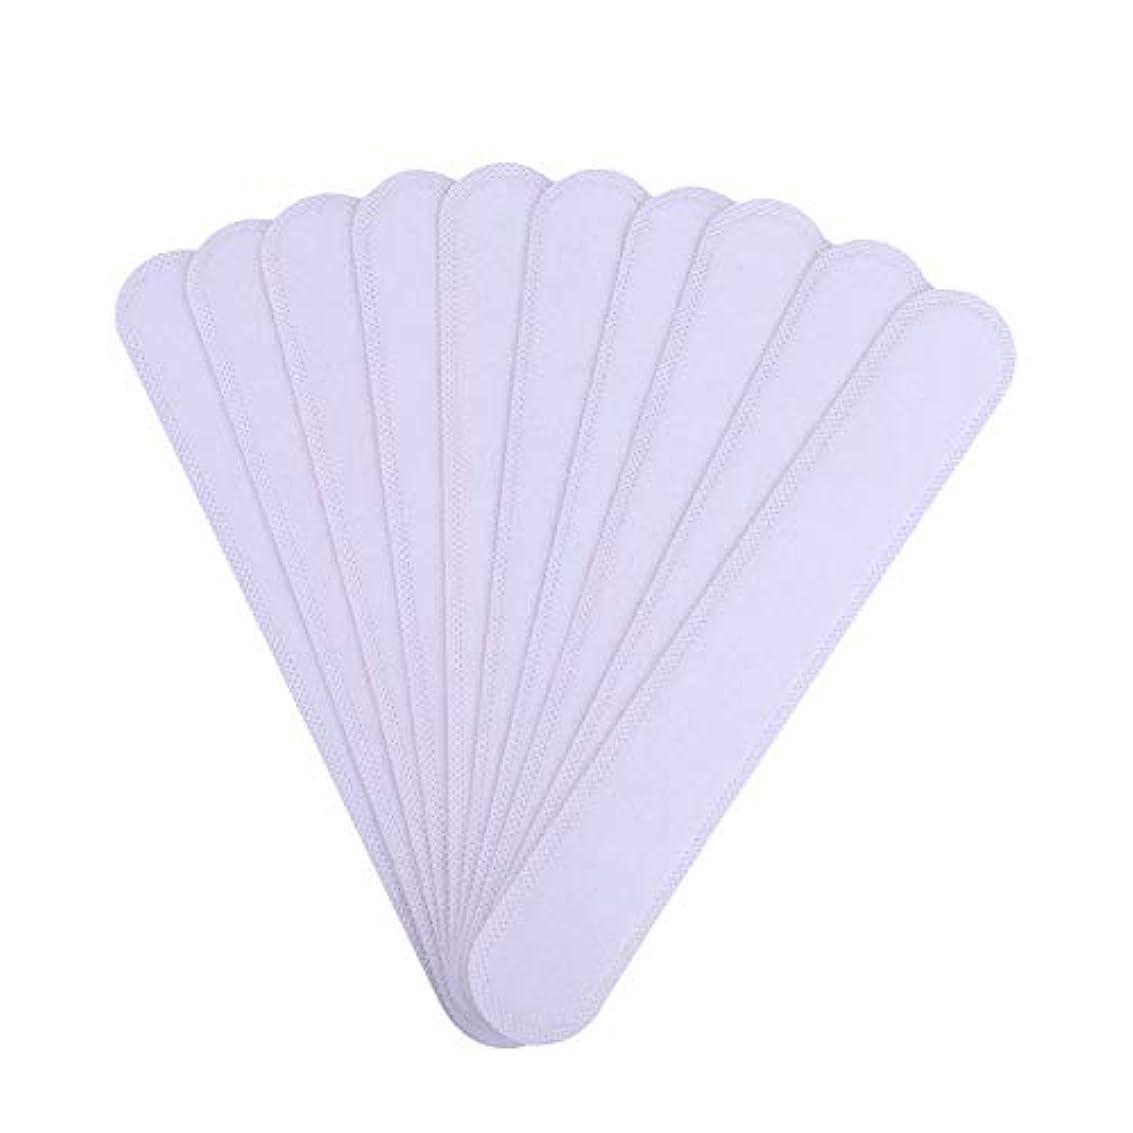 重要な予想外祈るAMAA バッド 10枚入 使い捨てタイプ Yシャツ 帽子 汗染み 汗跡 予防 カラーネックライナーパッド (10枚)